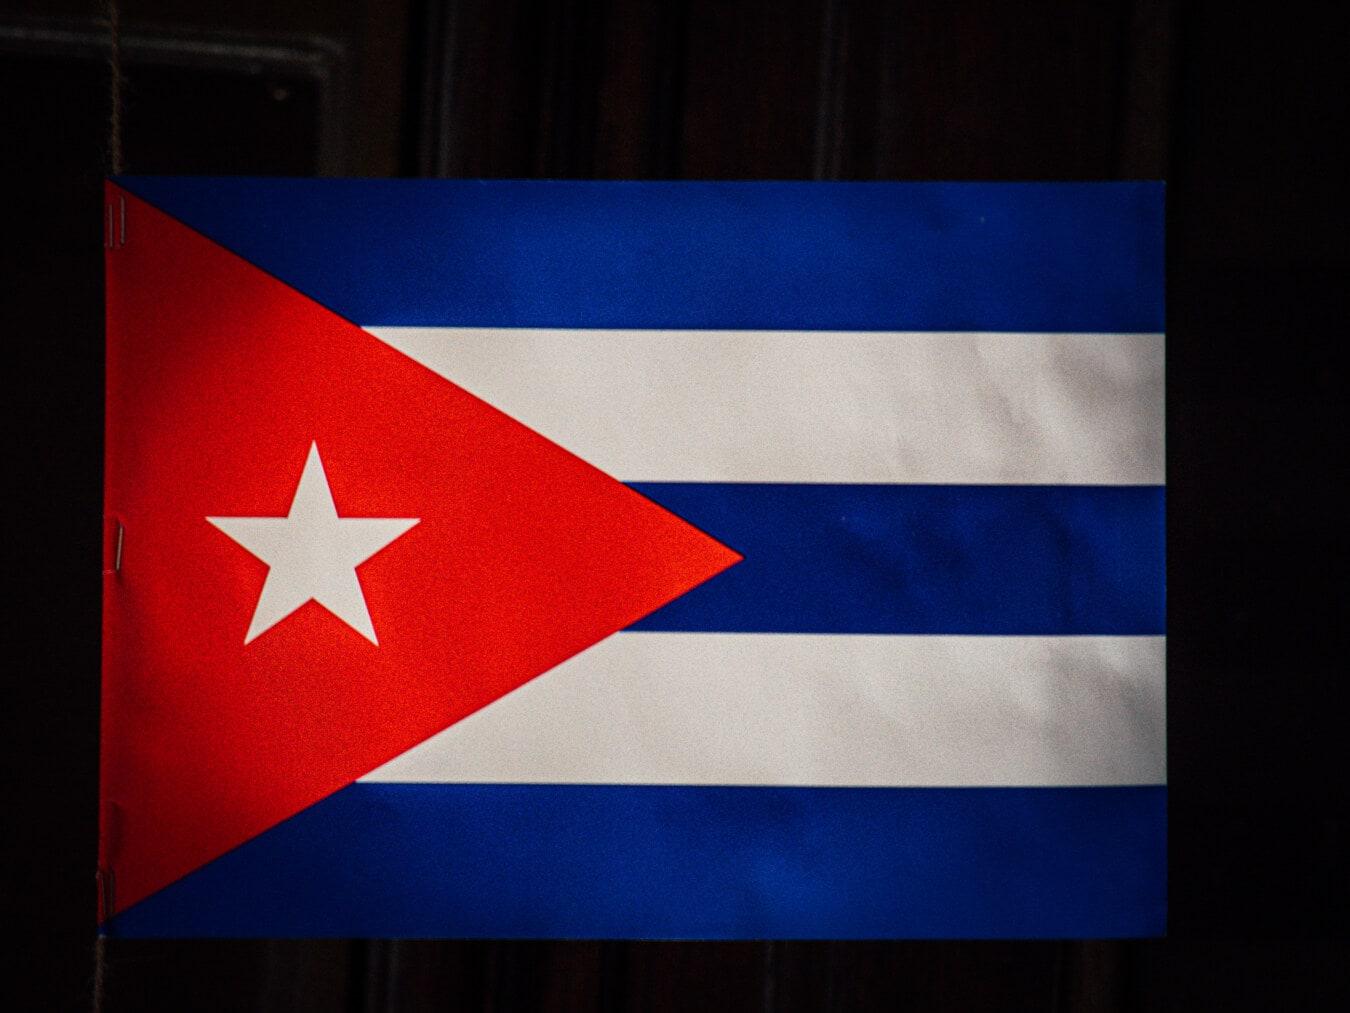 drapeau, blanc, Star, bleu, Stripes, emblème, patriotisme, pays, fierté, administration